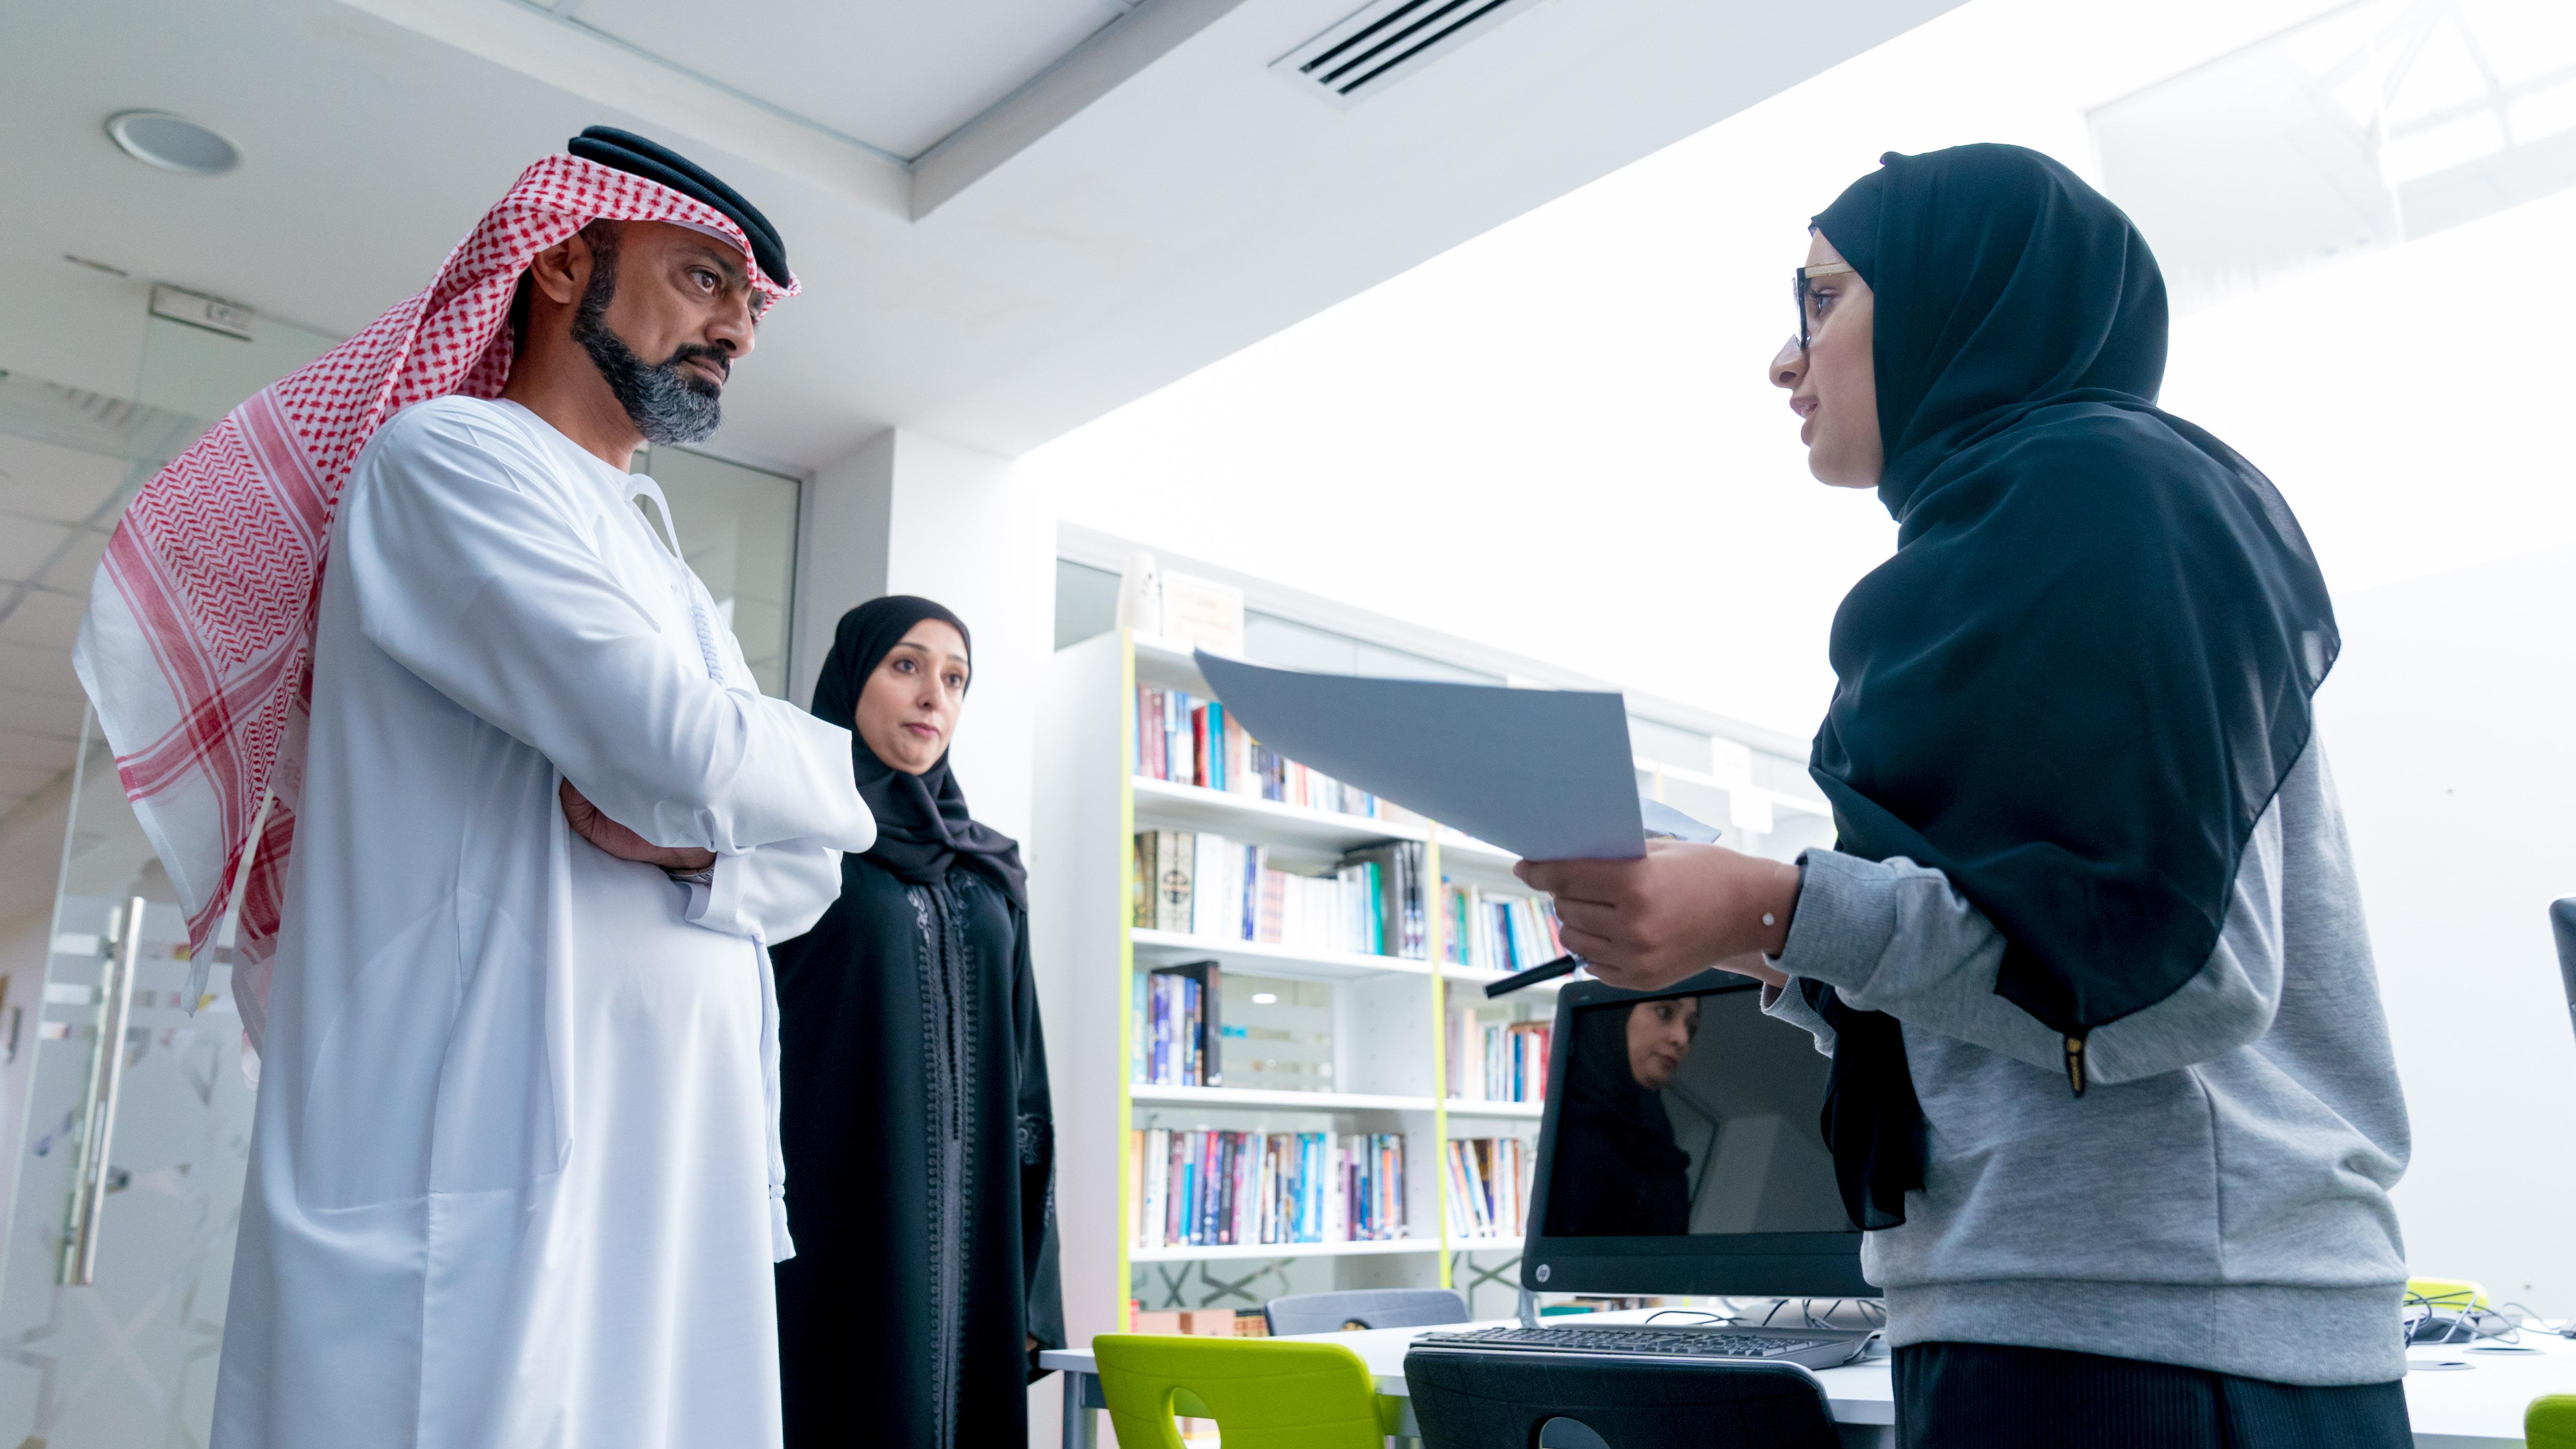 عمار النعيمي يتفقد مدرسة شيخة بنت سعيد للبنات.. ويوجه بتطبيق الأساليب التعليمية الحديثة